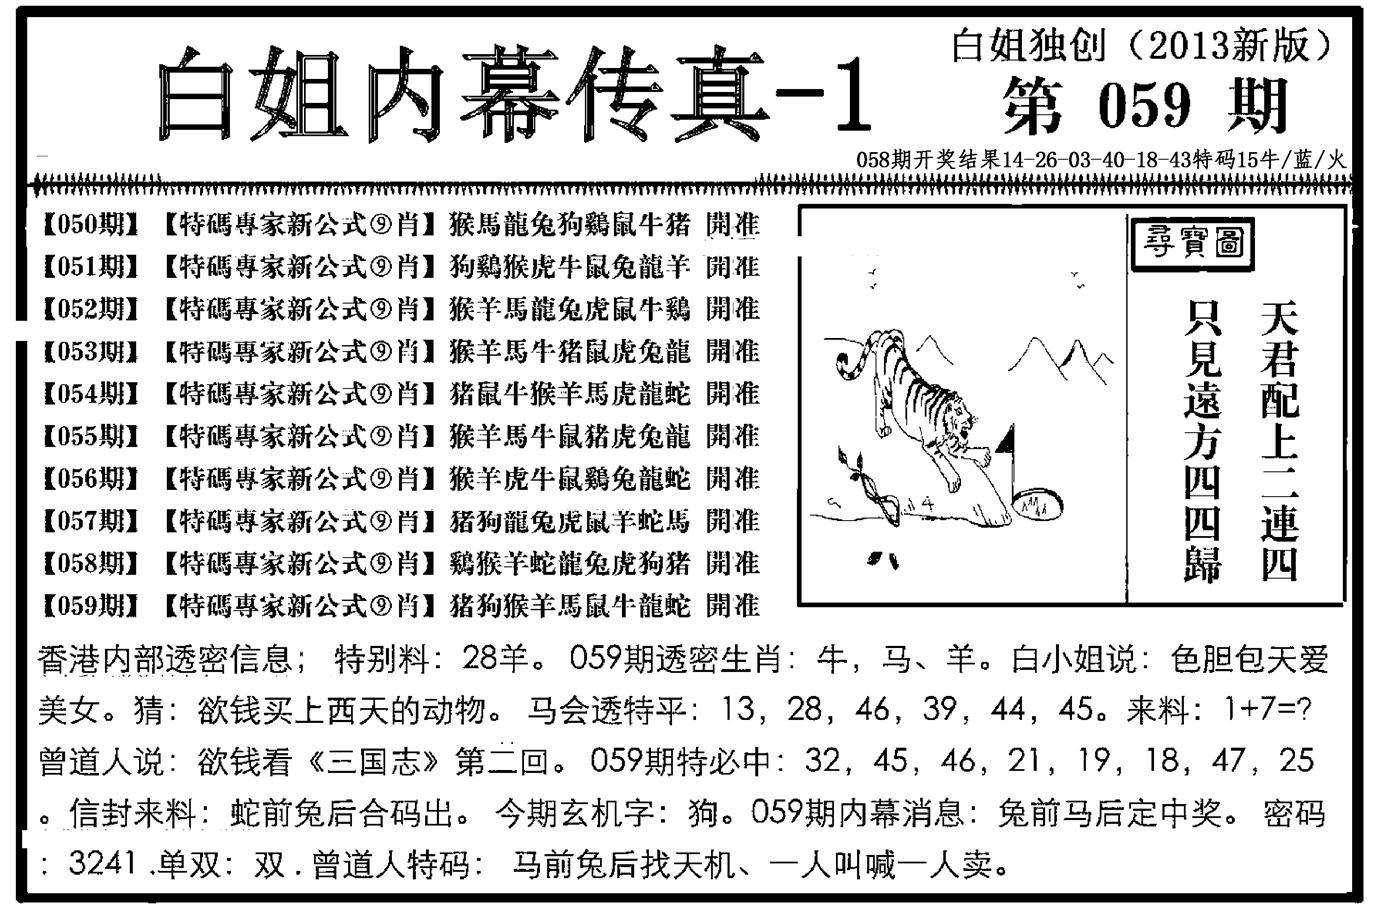 059期白姐内幕传真-1(黑白)